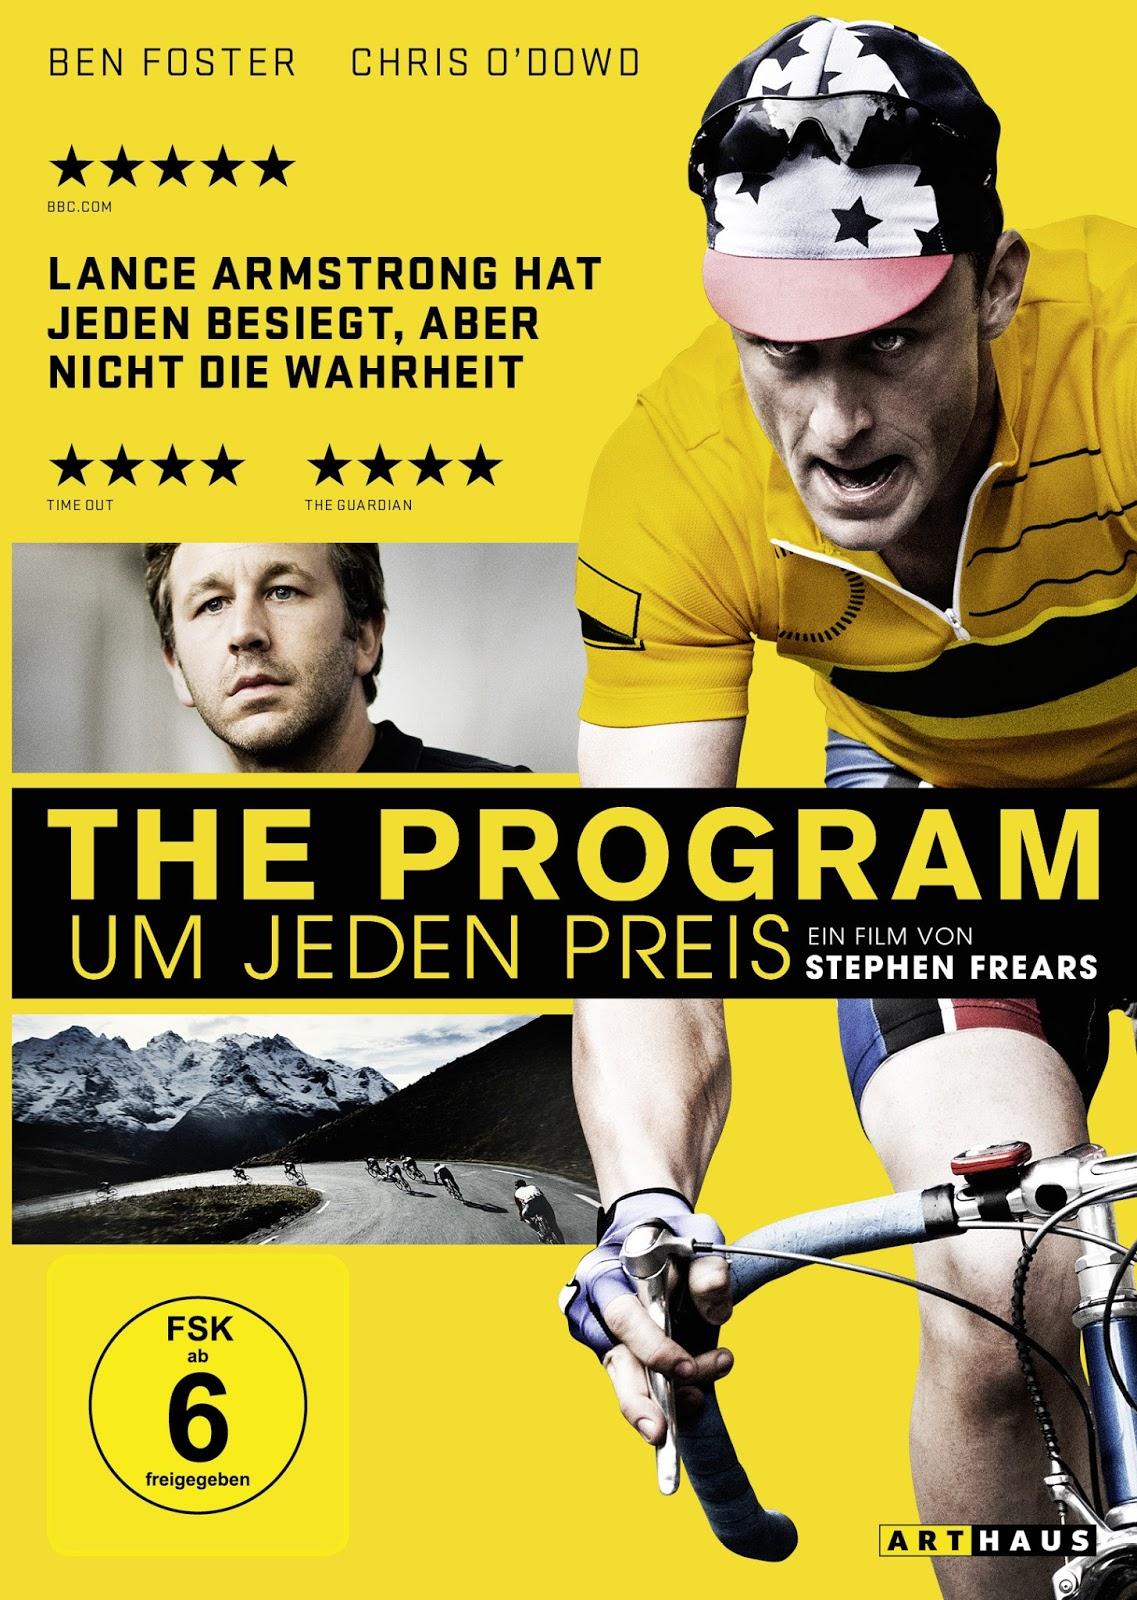 The Program - Um jeden Preis (Filmkritik) | Die Seilerseite.